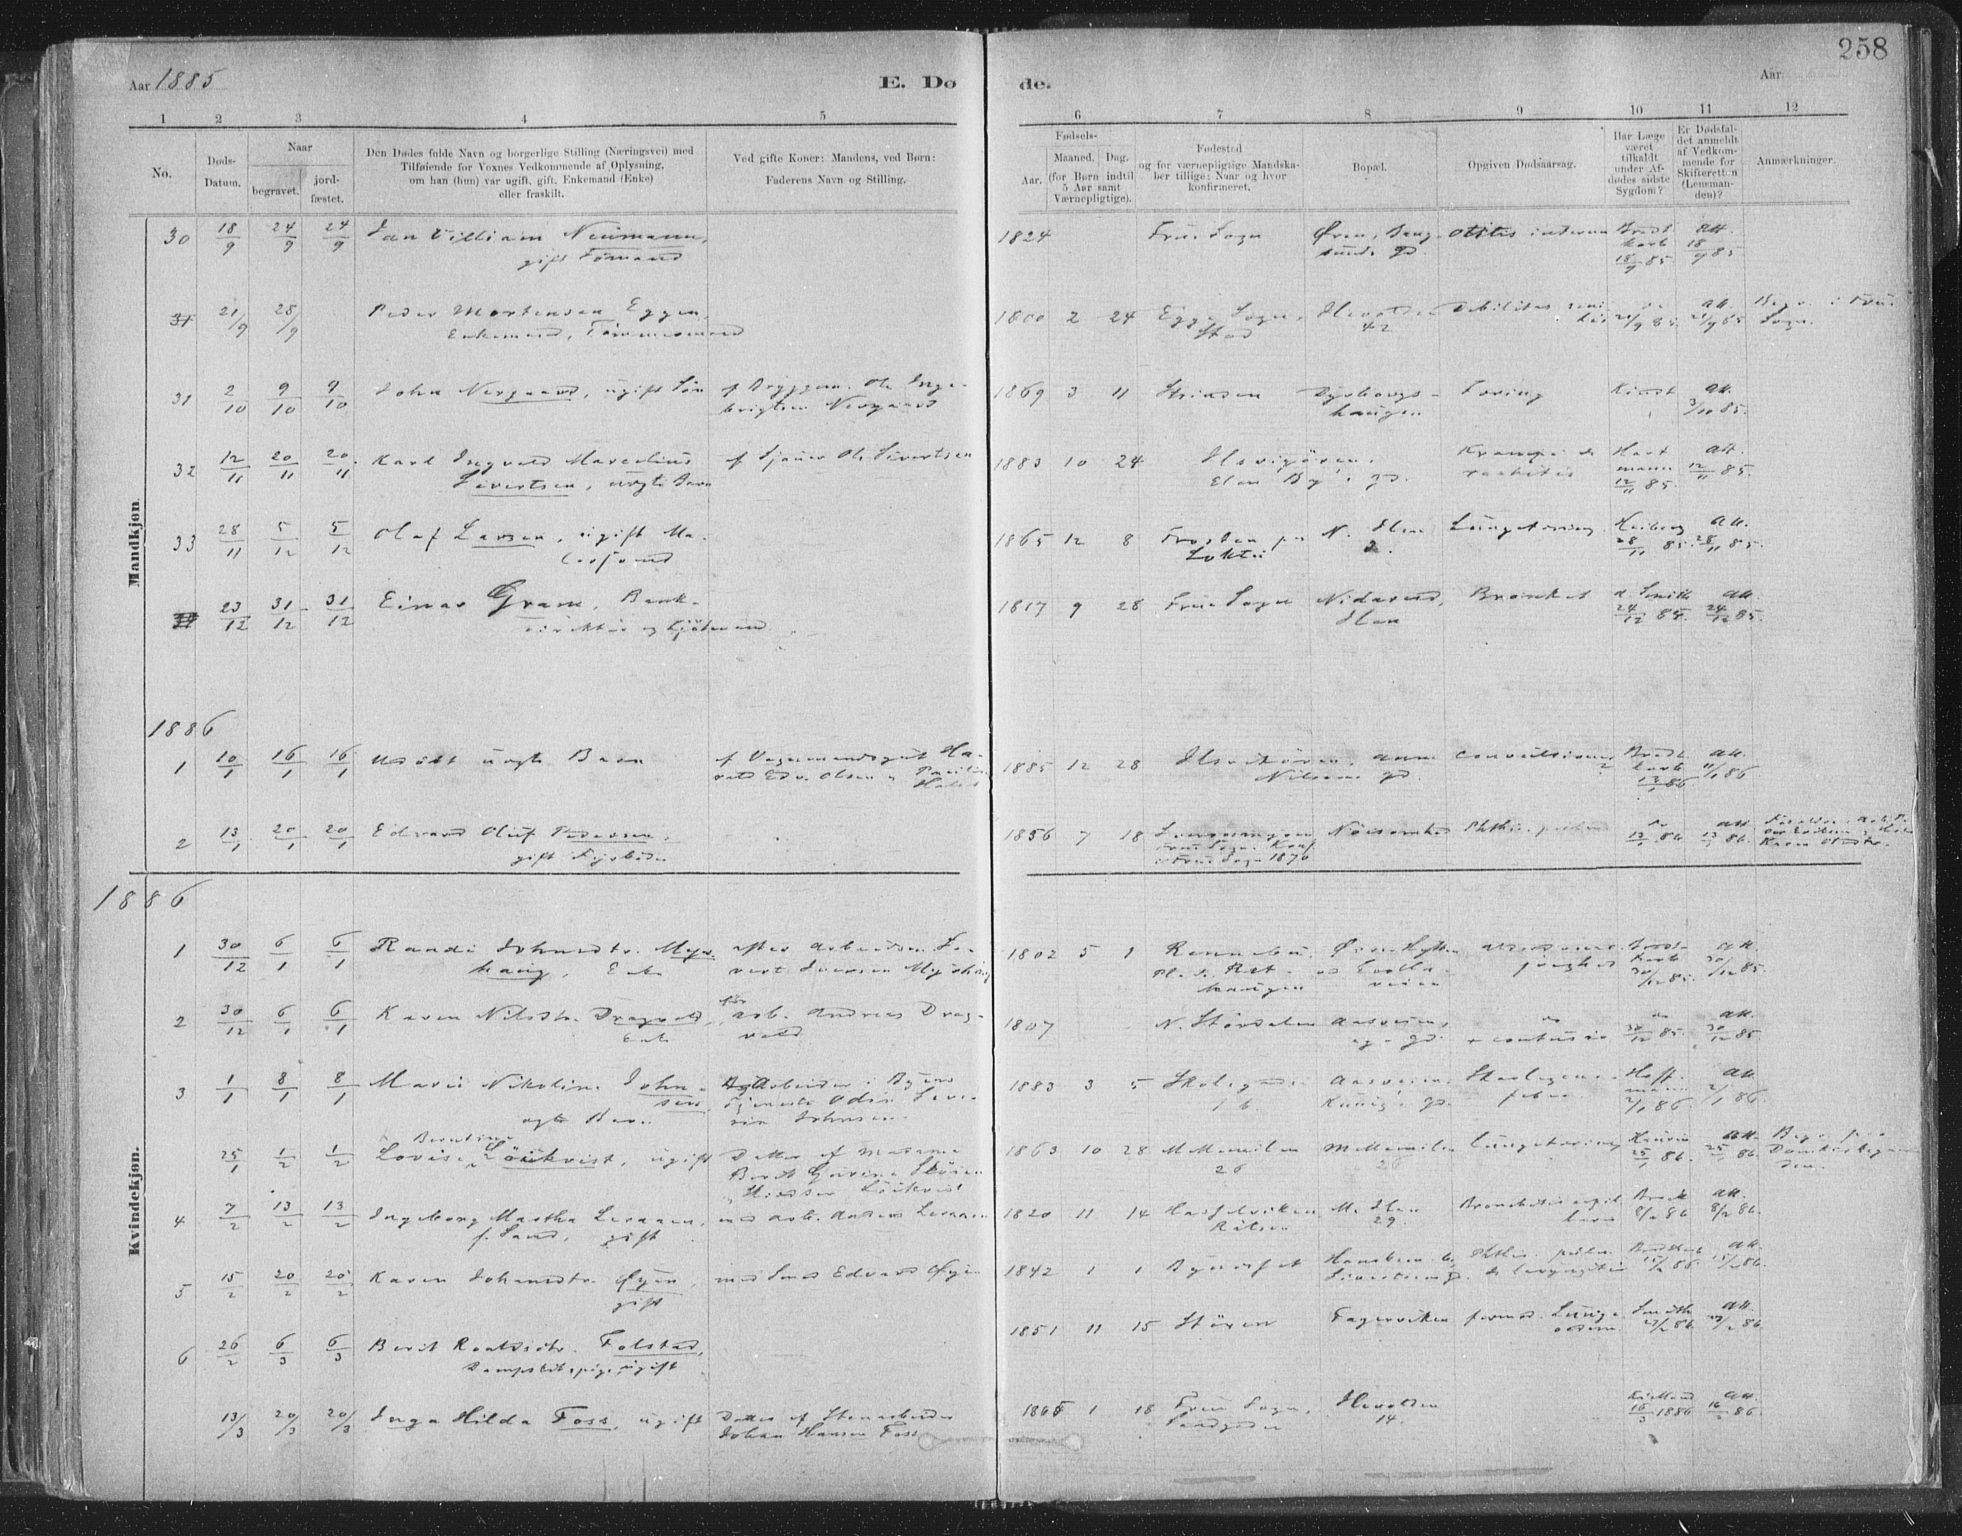 SAT, Ministerialprotokoller, klokkerbøker og fødselsregistre - Sør-Trøndelag, 603/L0162: Ministerialbok nr. 603A01, 1879-1895, s. 258